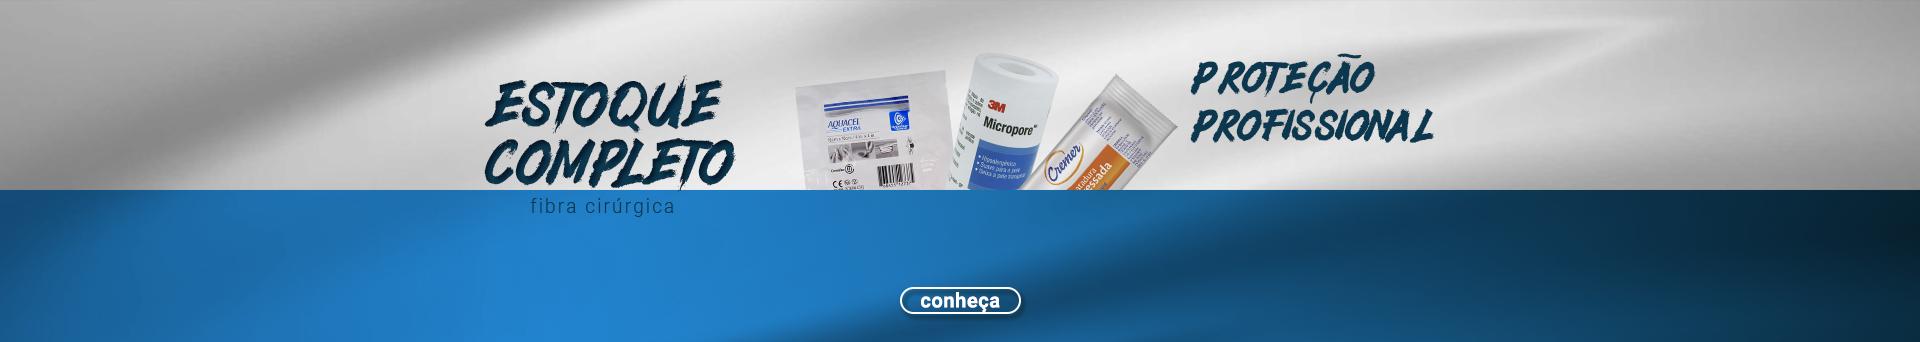 Proteção Profissional - Fibra Cirúrgica - Produtos Médicos 888a38182c